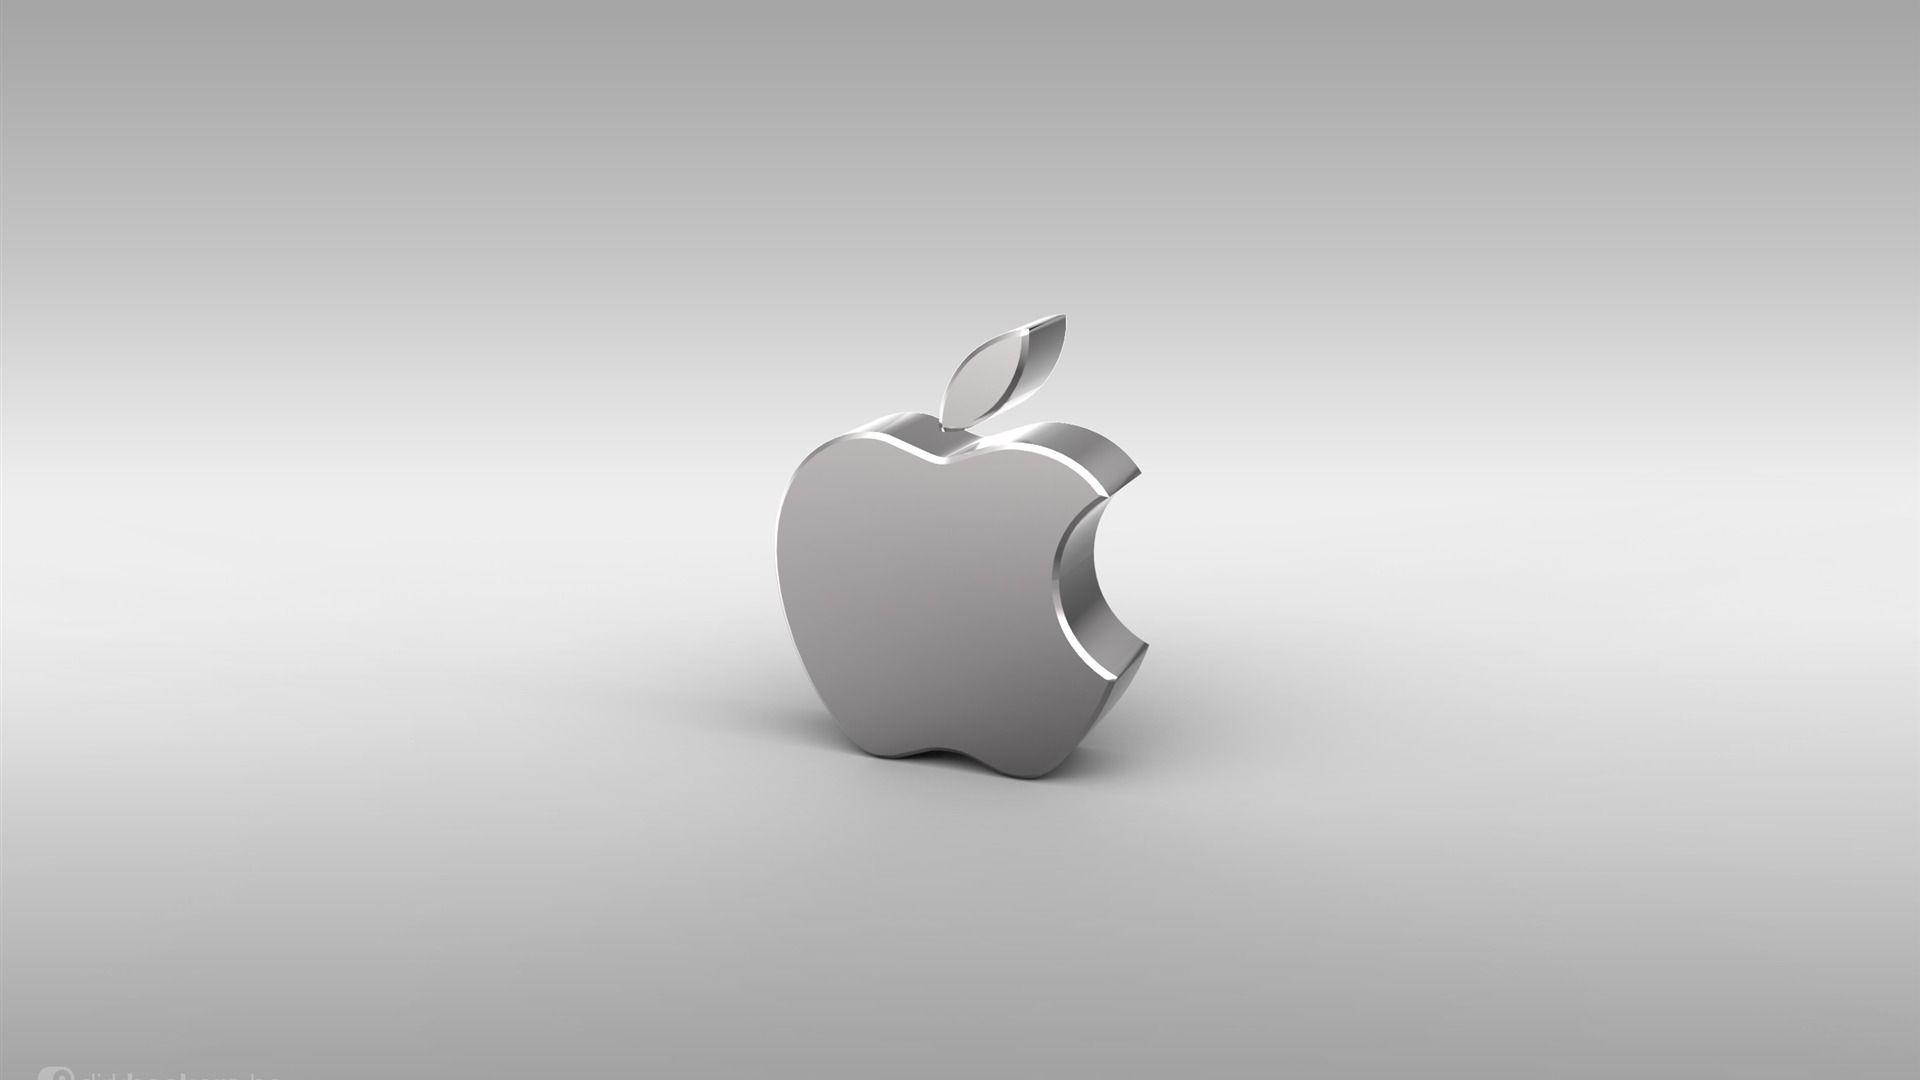 Logotipo de macOS